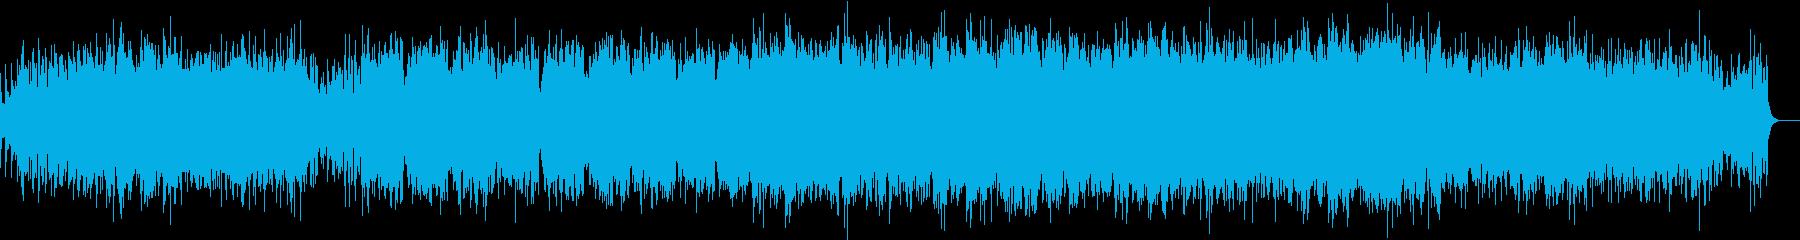 煌びやかで幻想的なサンバの再生済みの波形